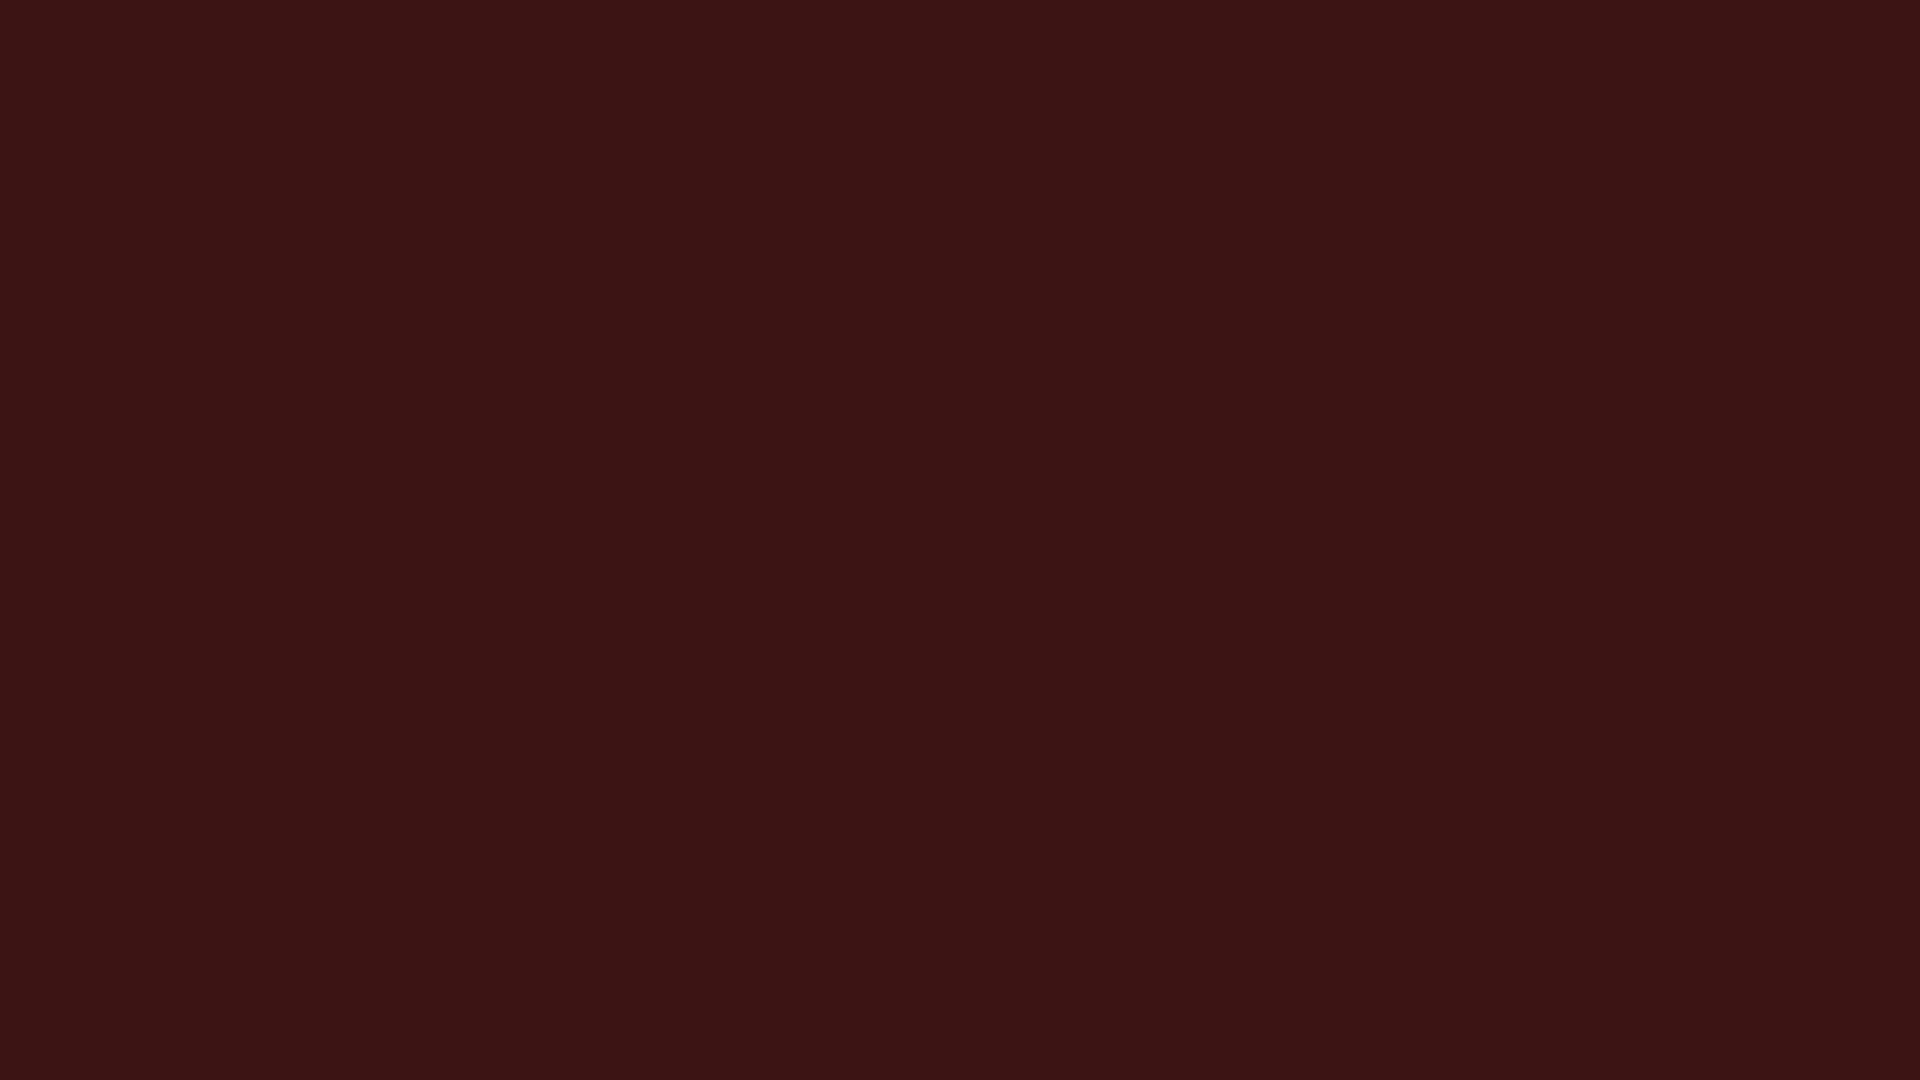 1920x1080 Dark Sienna Solid Color Background